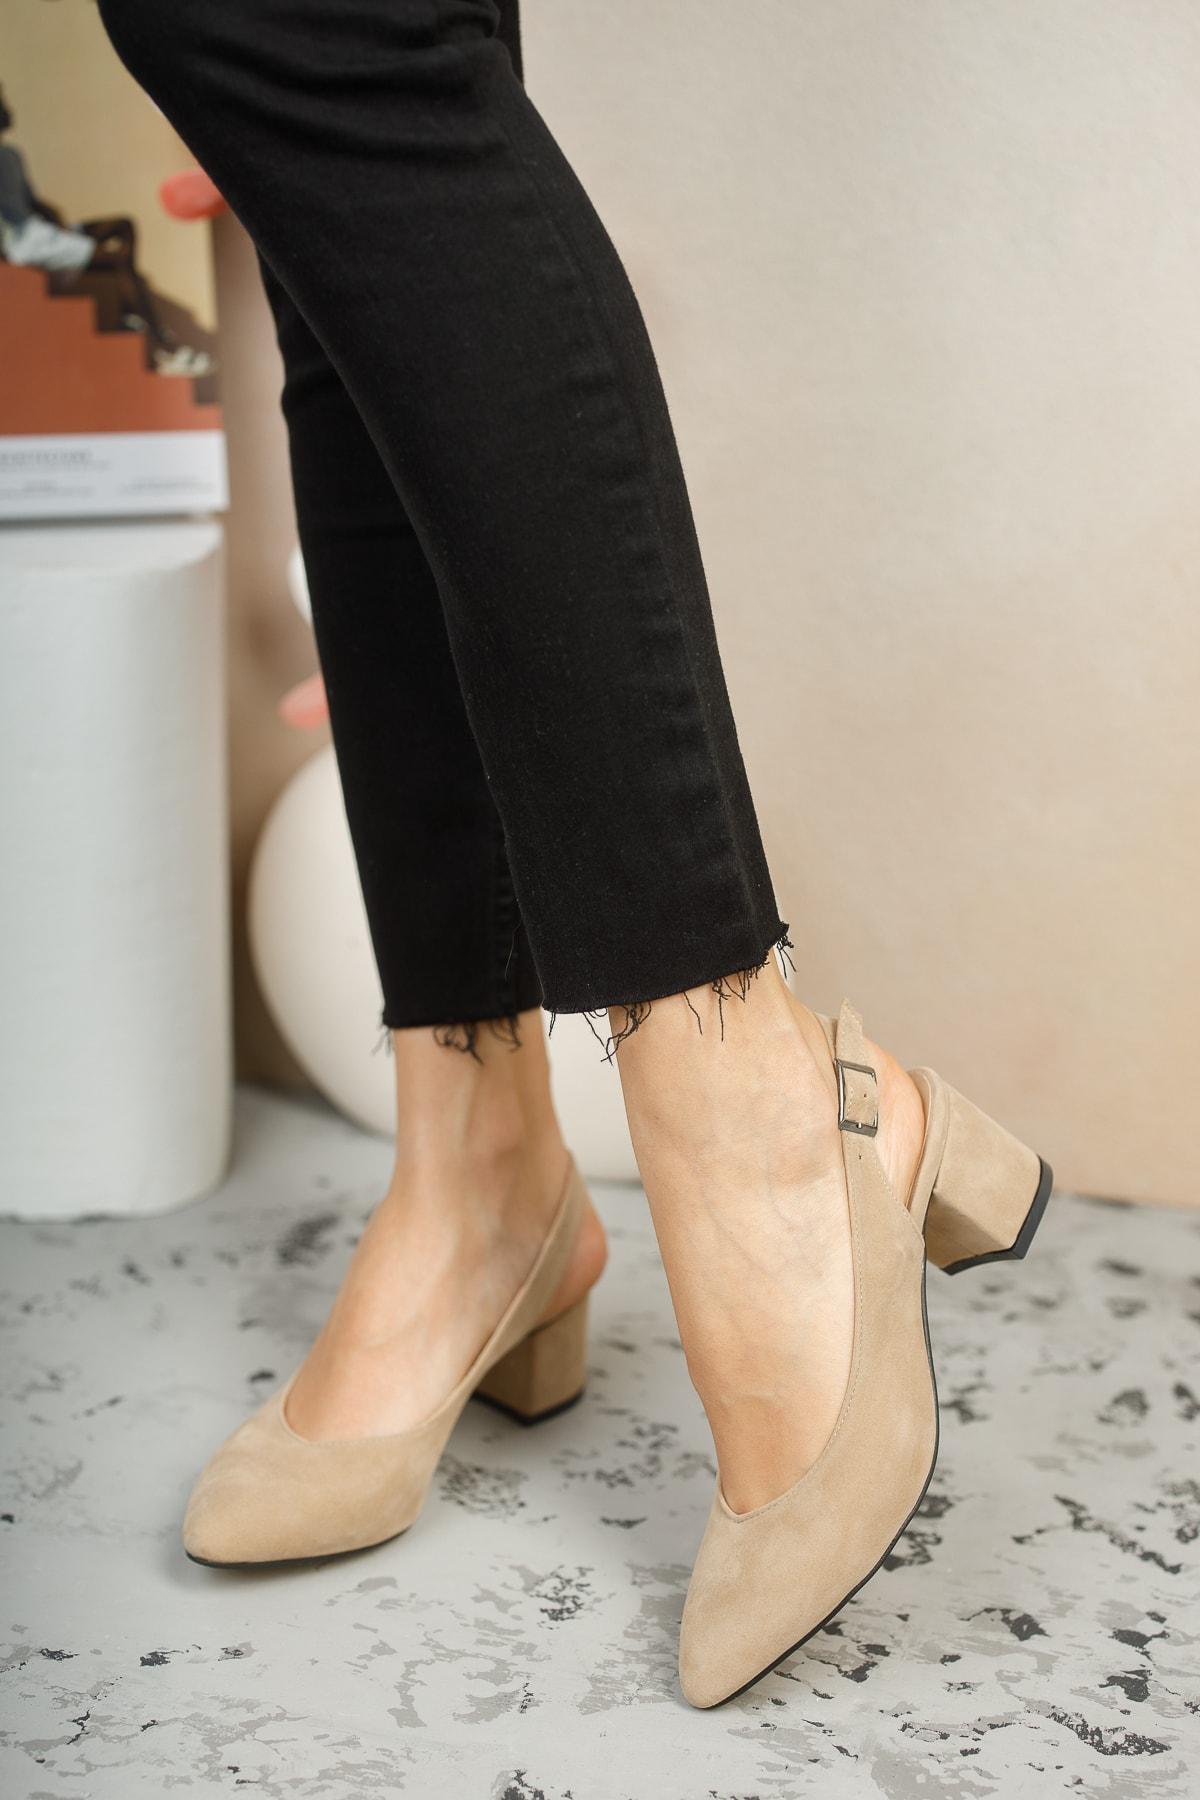 Gzhw711 Kadın Günlük Ayakkabı